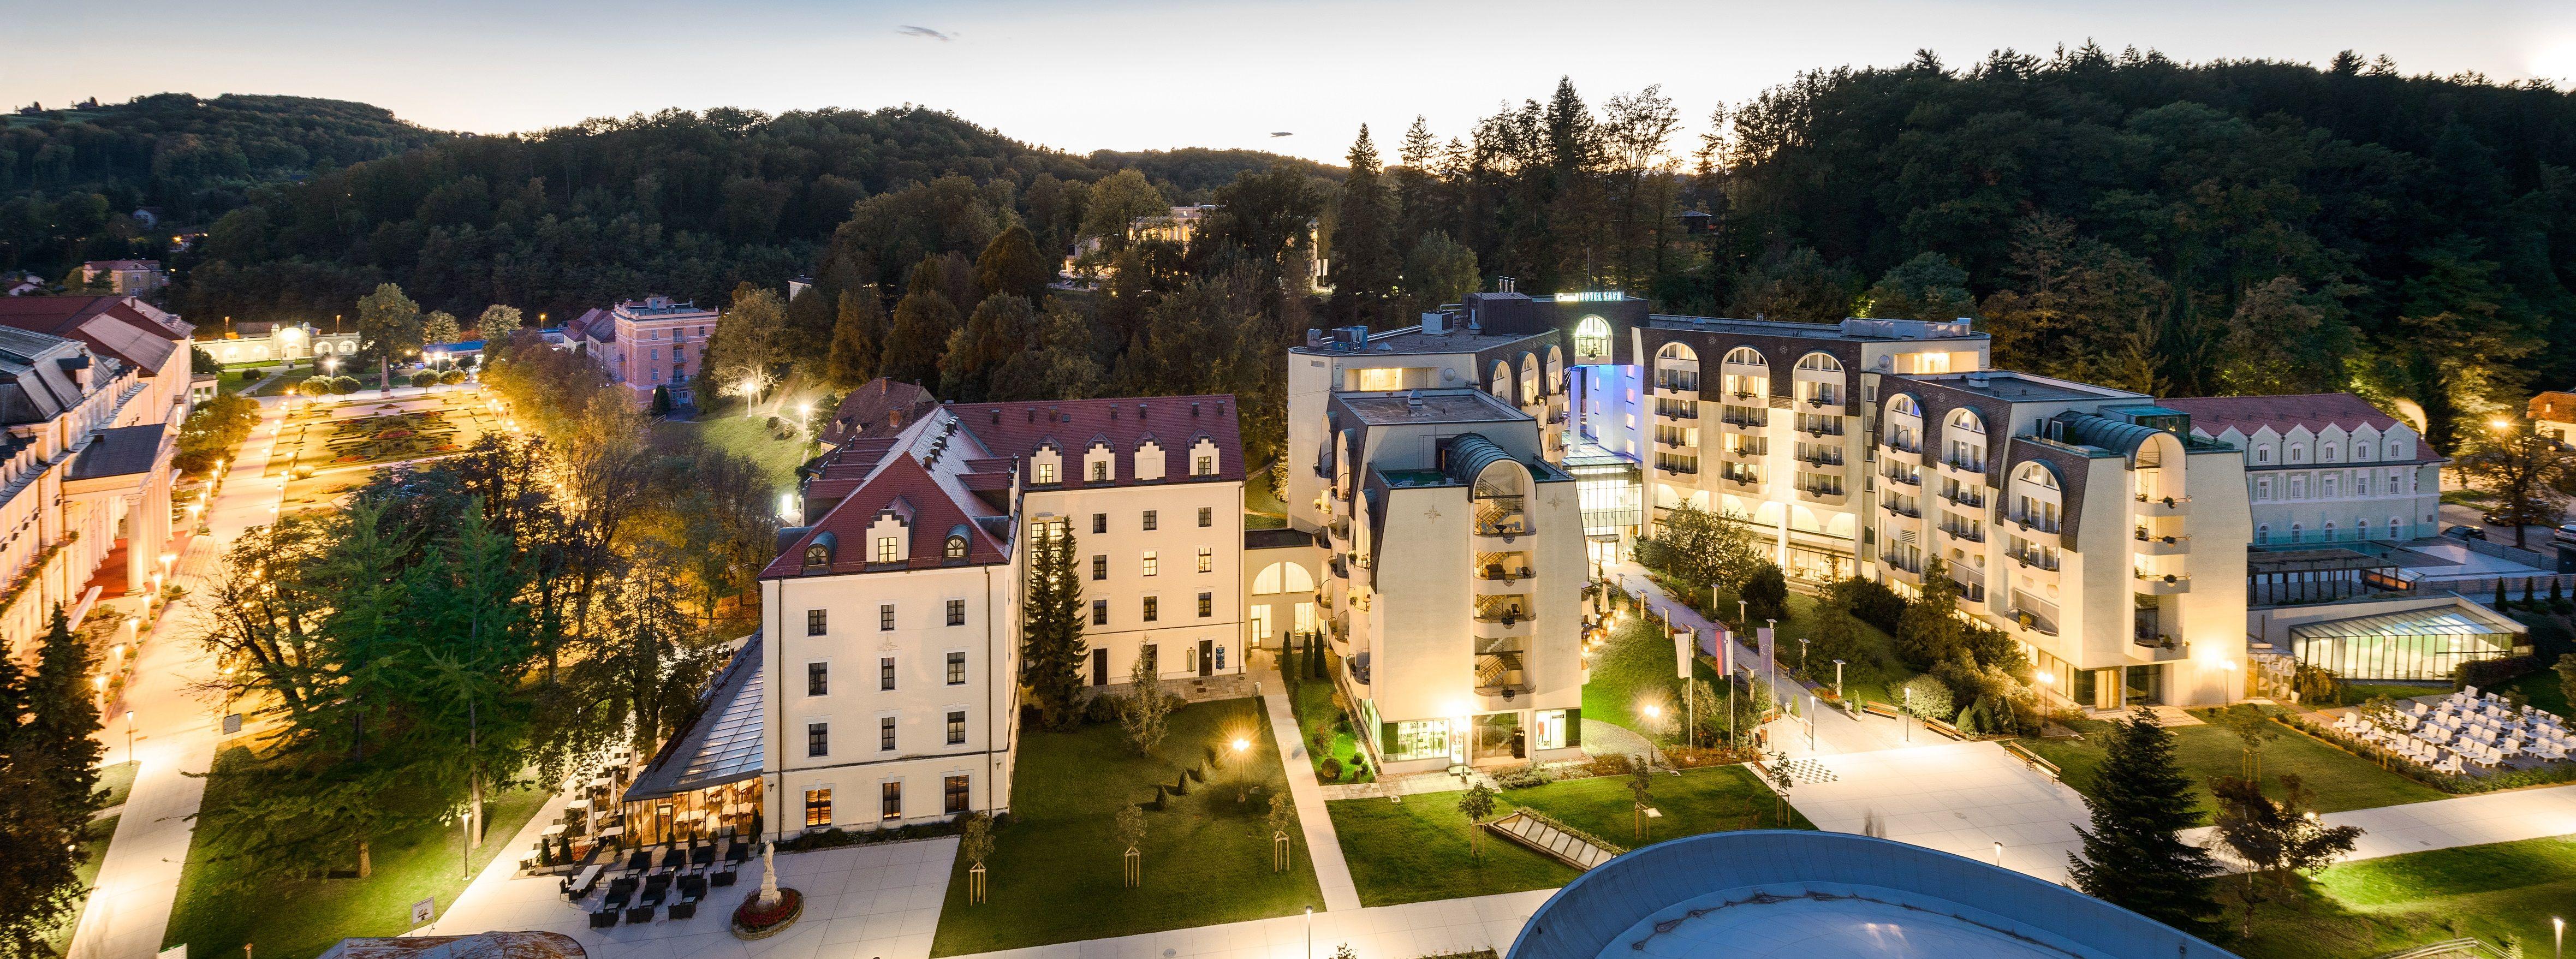 hotel con spa slovenia